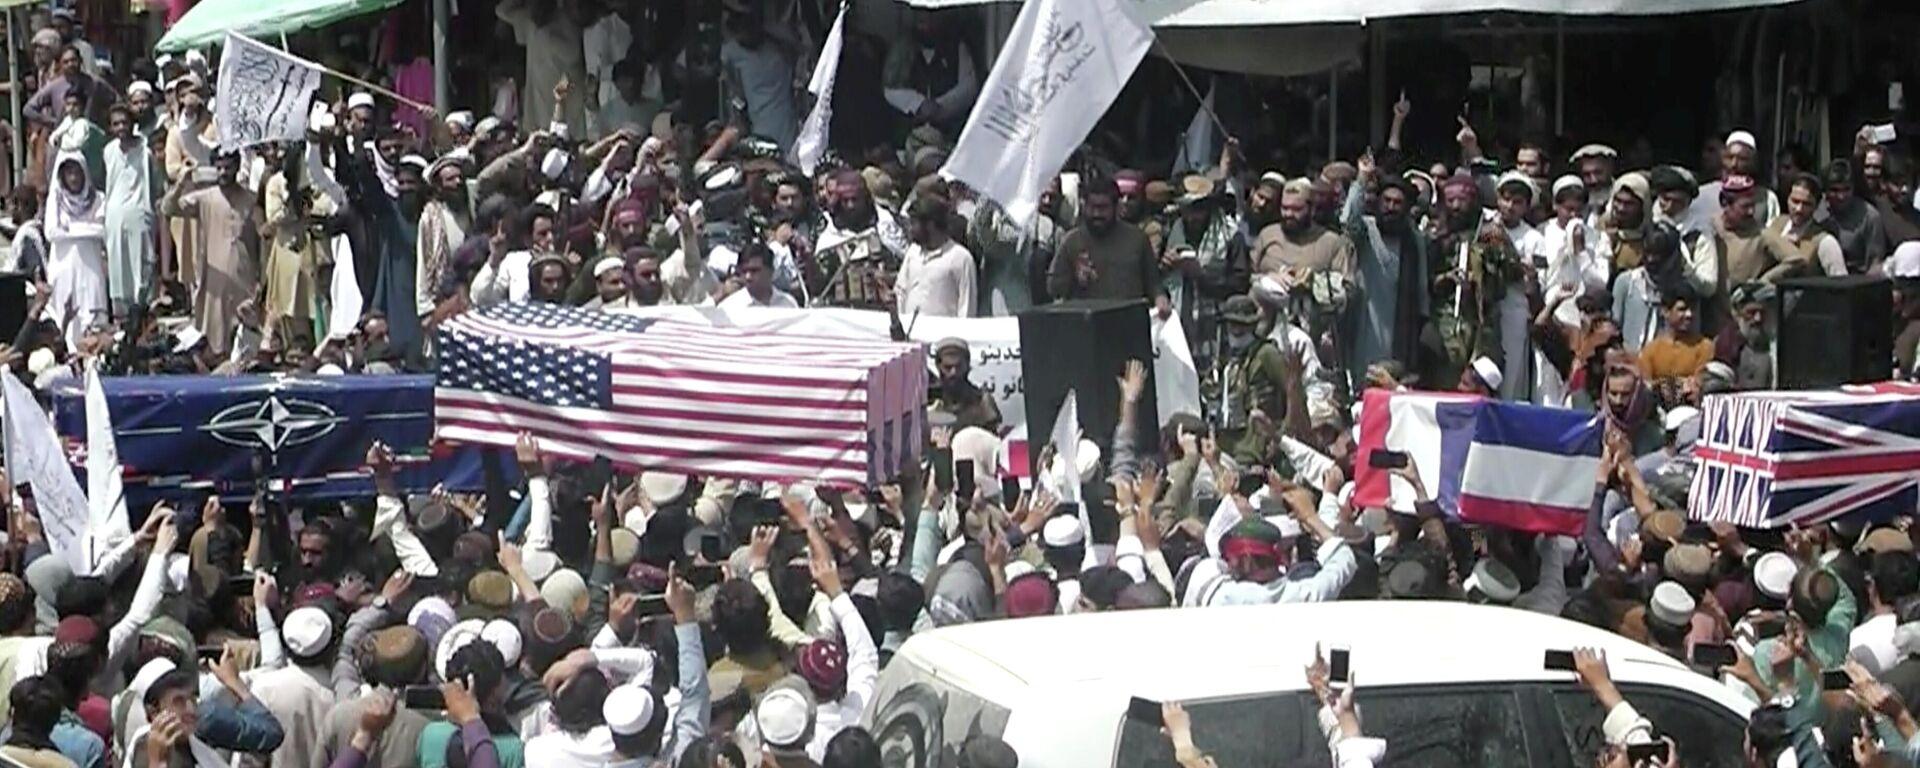 Afganistan'dan son ABD askerinin de çekilmesinin ardından Host kentinde ABD, Britanya, NATO için düzenlenen temsili cenaze töreni - Sputnik Türkiye, 1920, 01.09.2021